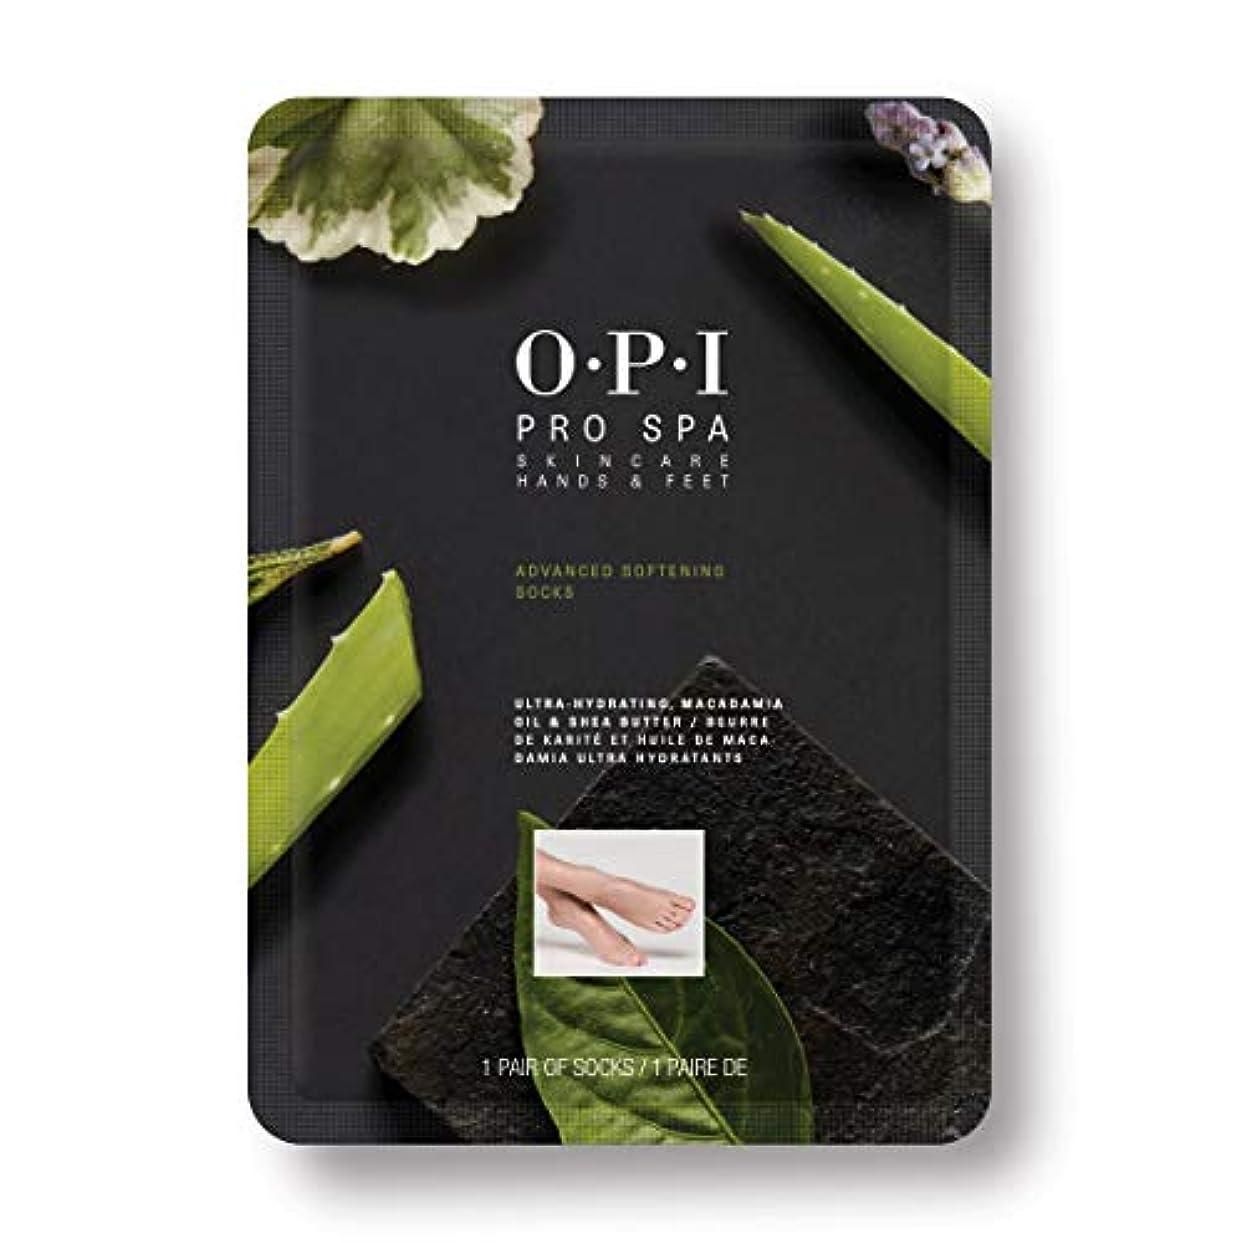 床を掃除するハンバーガー店主OPI(オーピーアイ) プロスパ アドバンス ソフニング ソックス 美容液 30ml/1パック2枚入